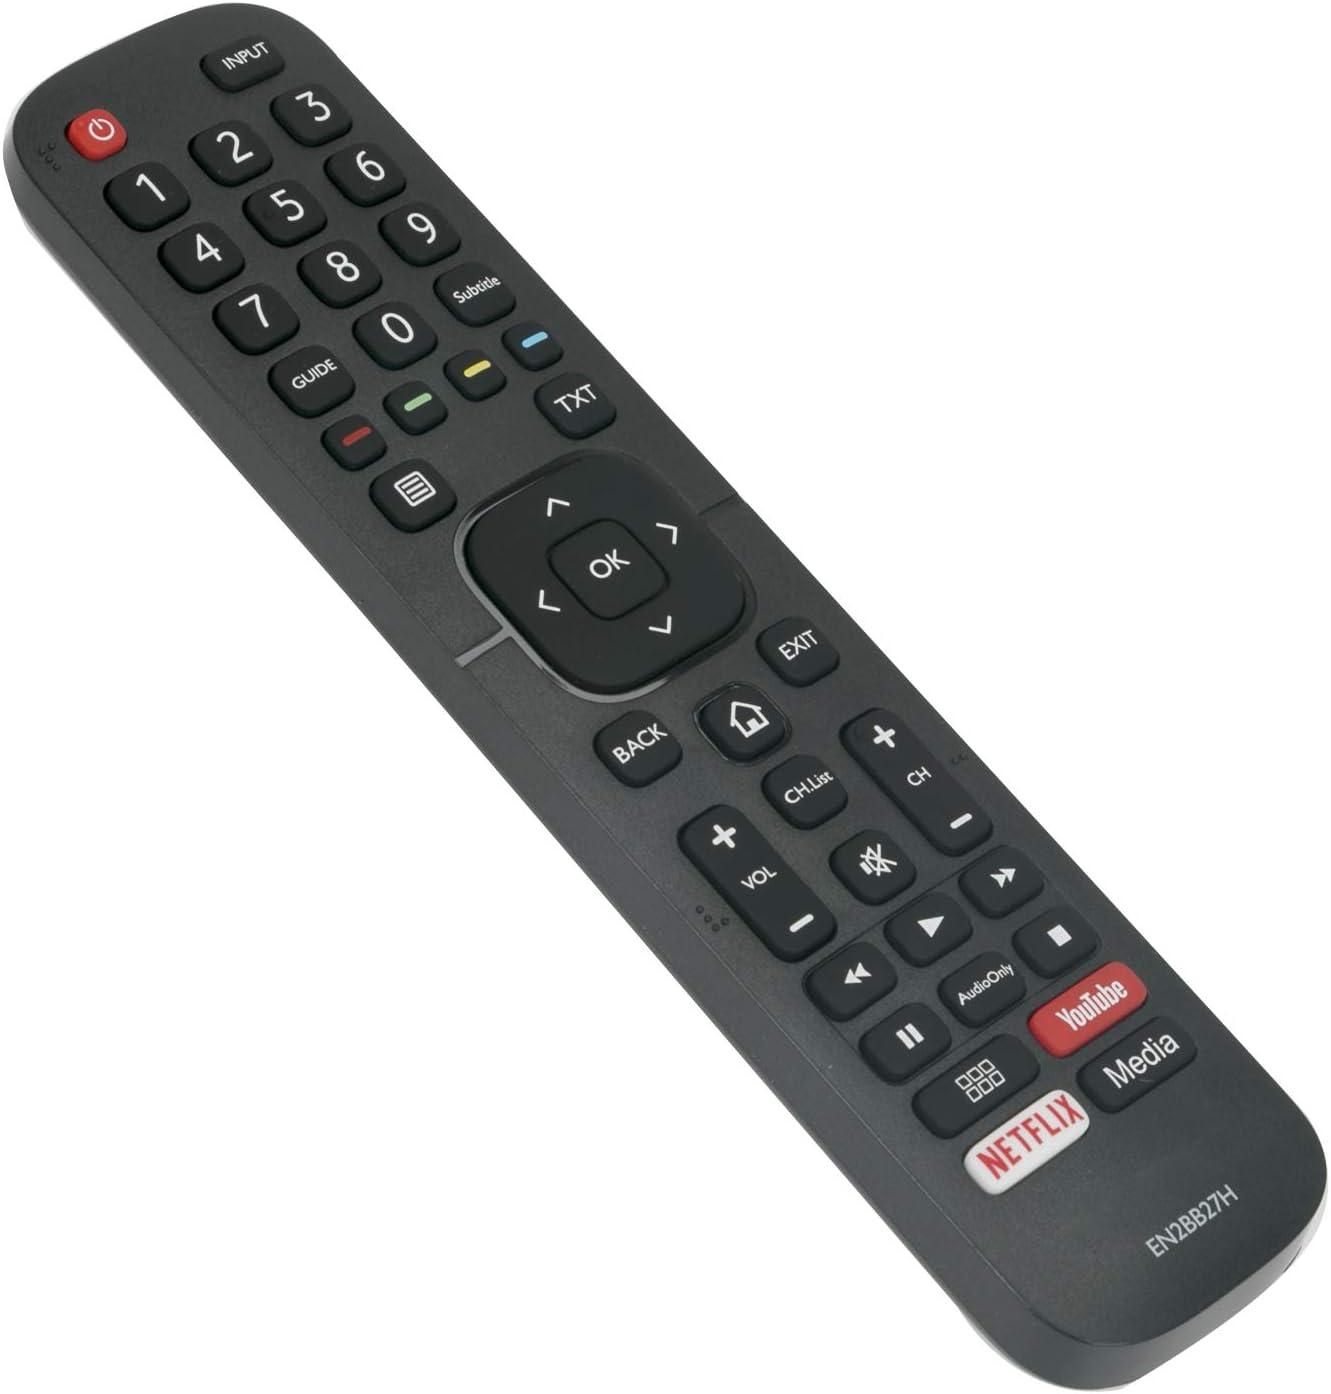 VINABTY EN2BB27H Mando a Distancia de Repuesto Adecuado para Hisense Smart TV H65A6100 H43A5600 H55A6100 H39A5600 con Botones Youtube Netflix: Amazon.es: Electrónica